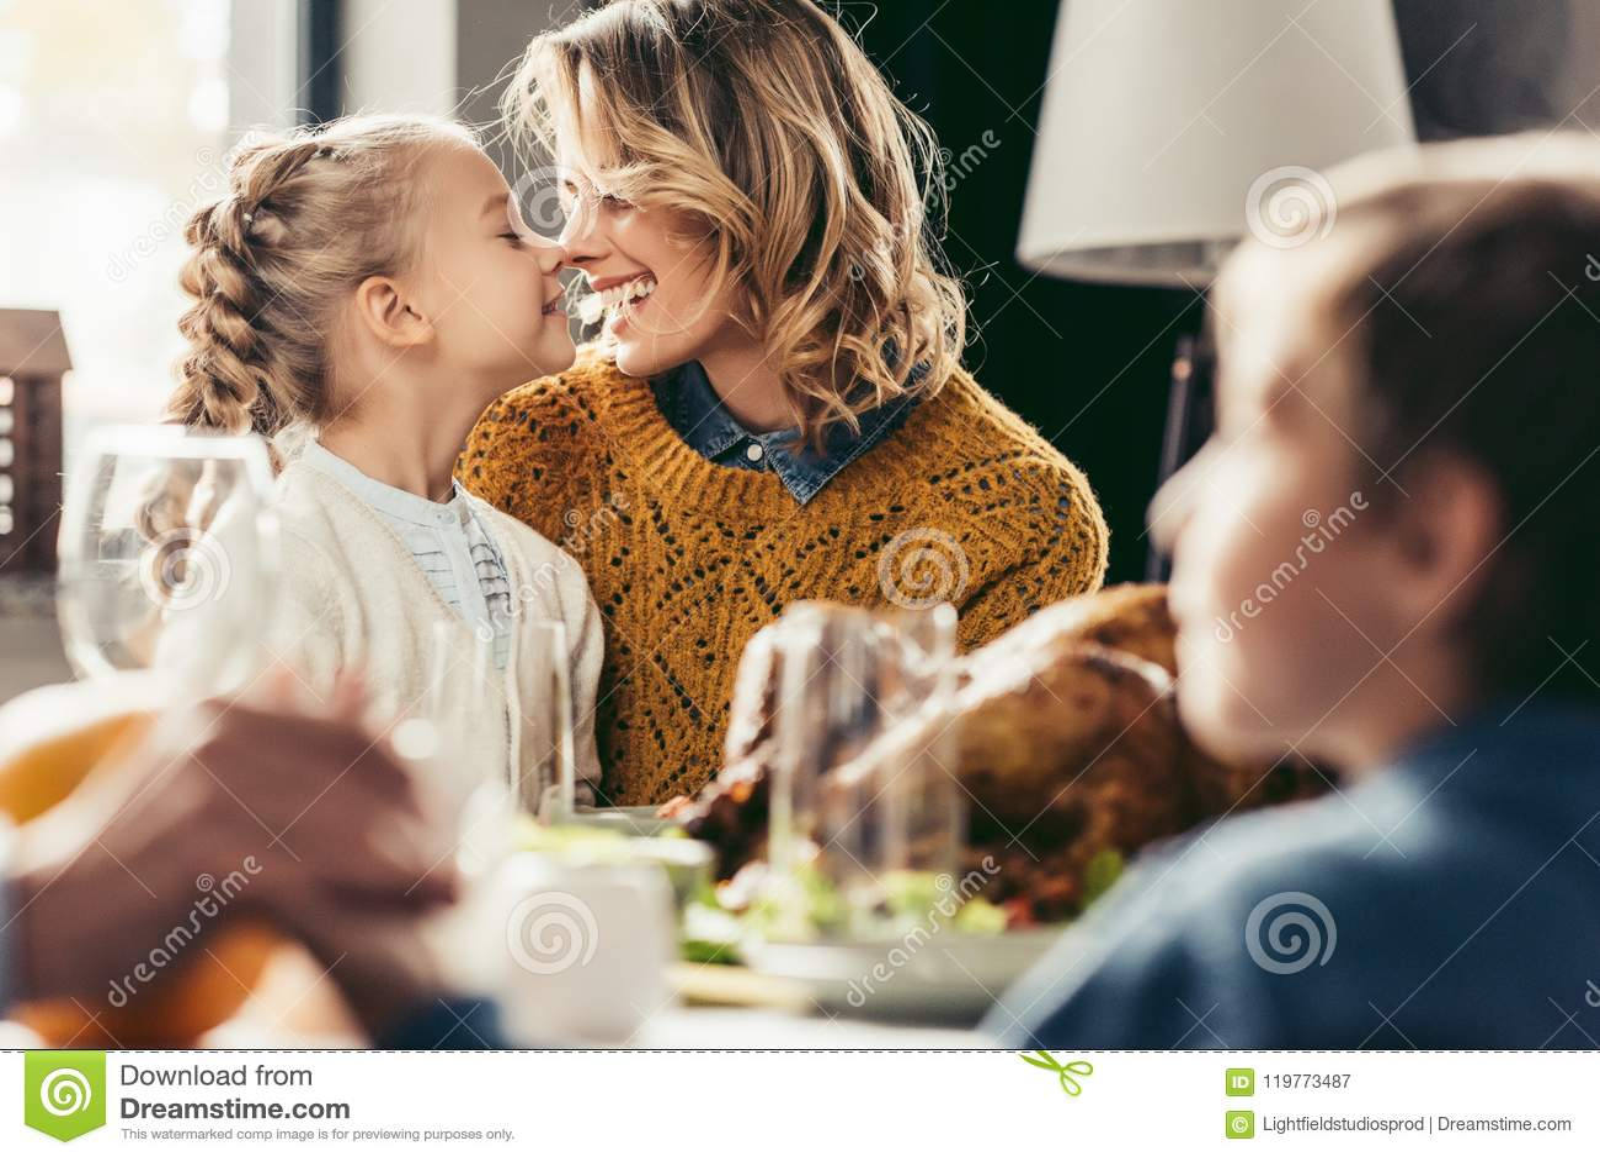 Glückliche Mutter und Tochter, die an der Danksagung streichelt